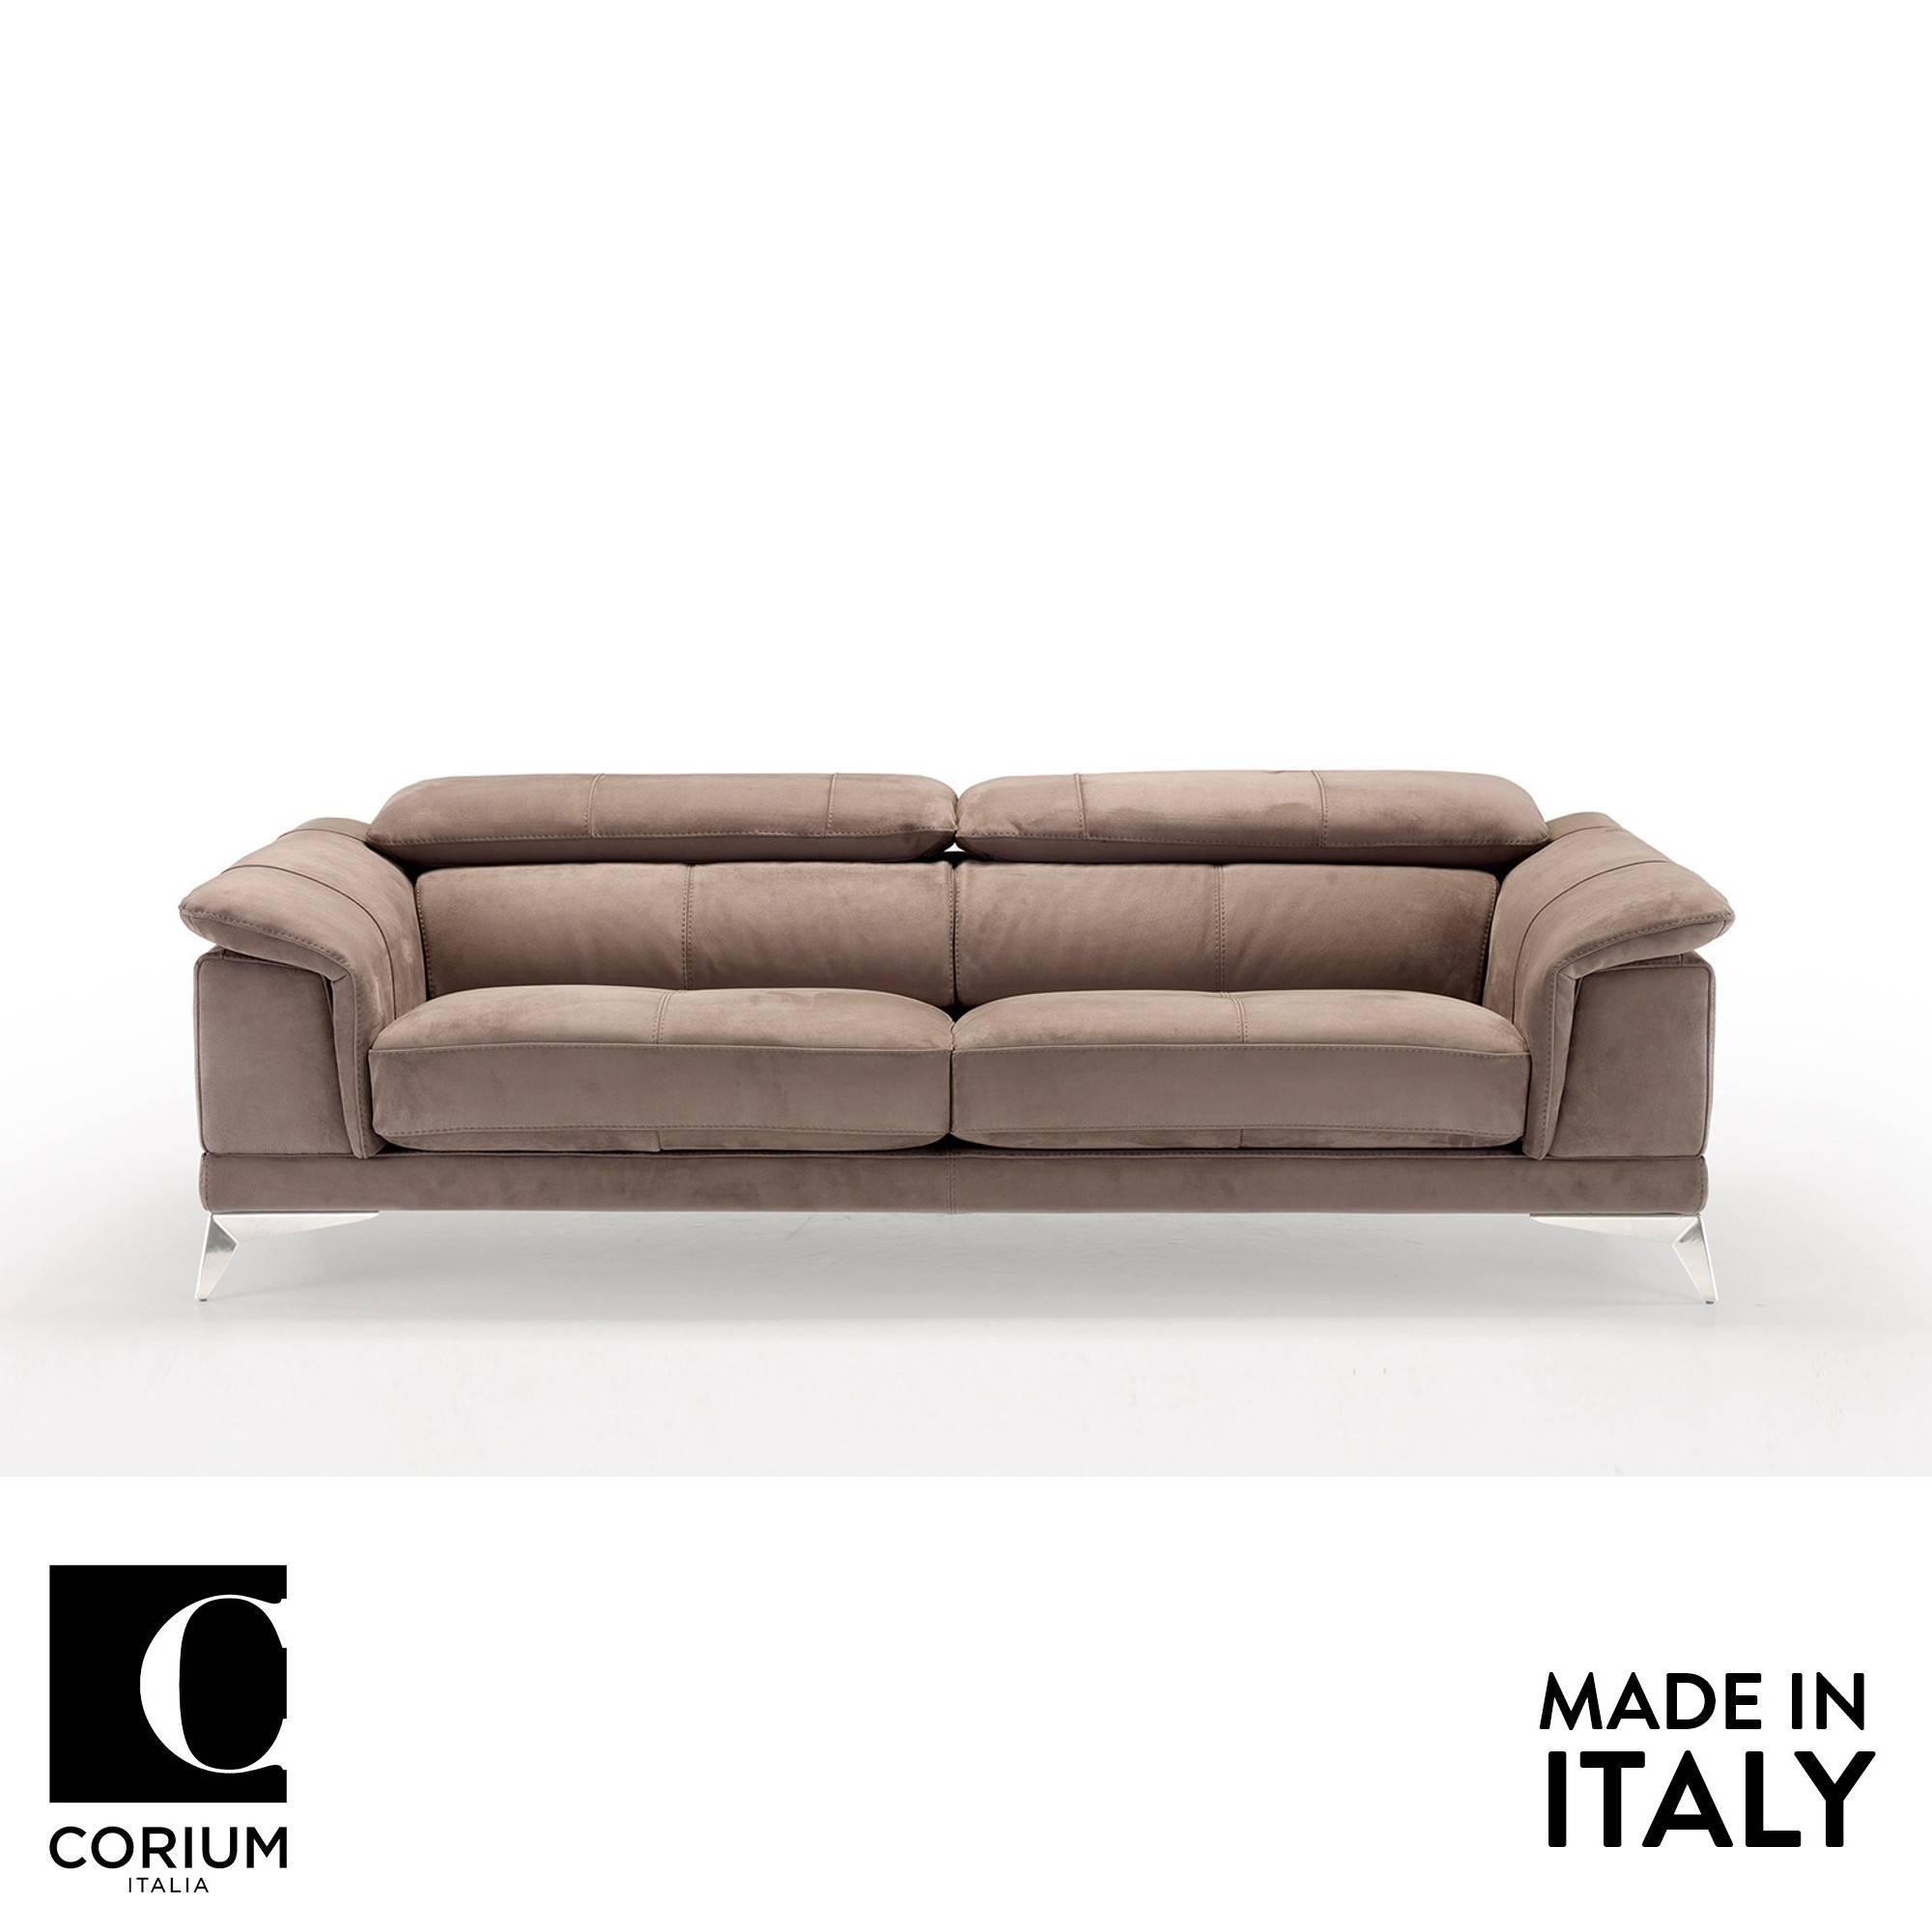 Praga Leather Sofa by Corium Italia